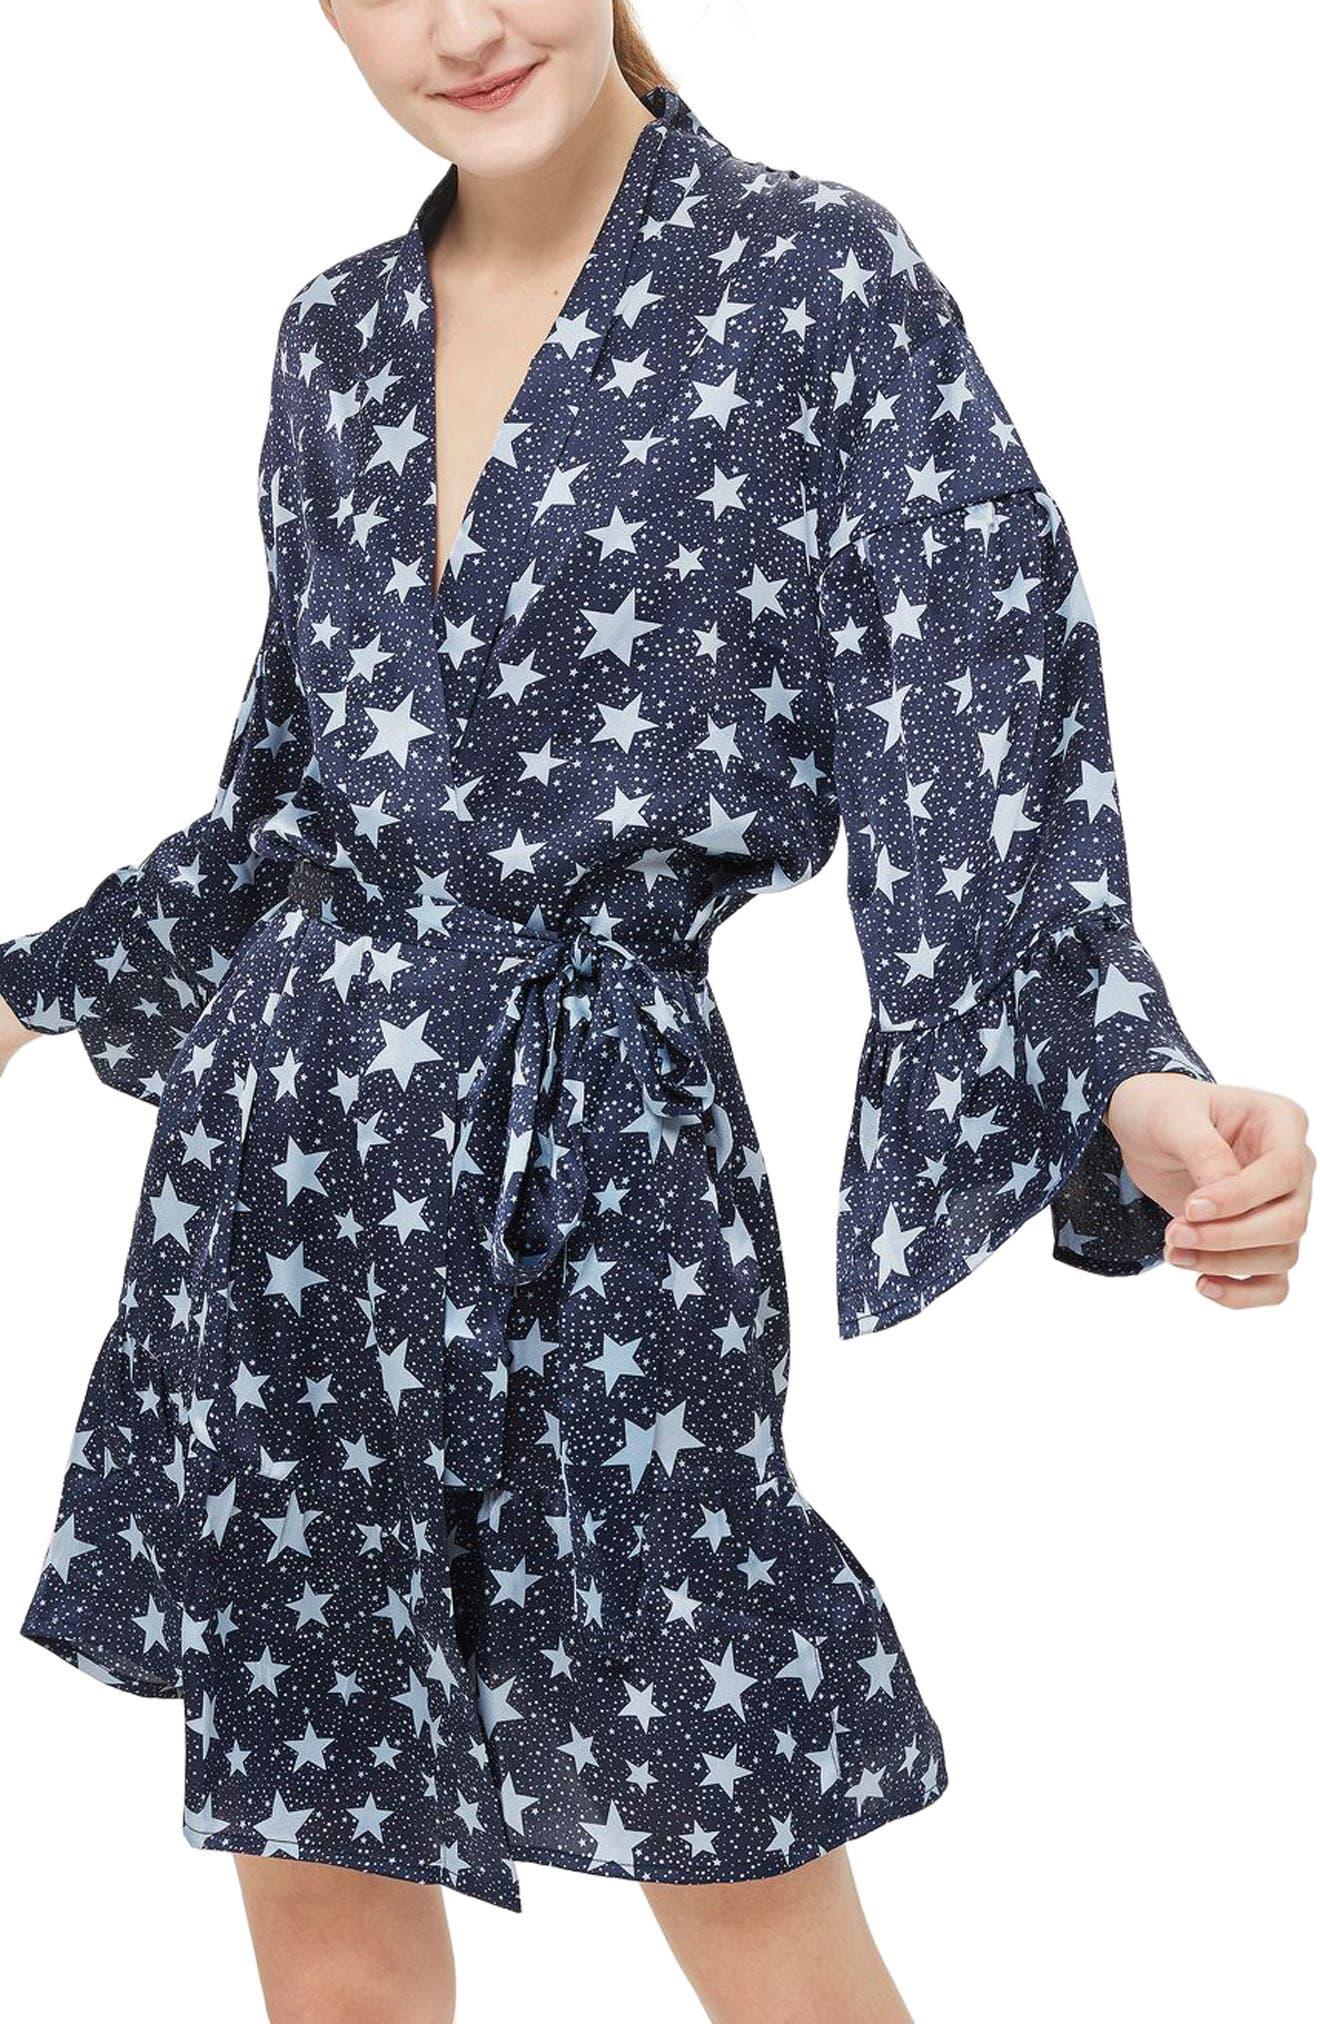 Star Satin Short Robe,                             Main thumbnail 1, color,                             410